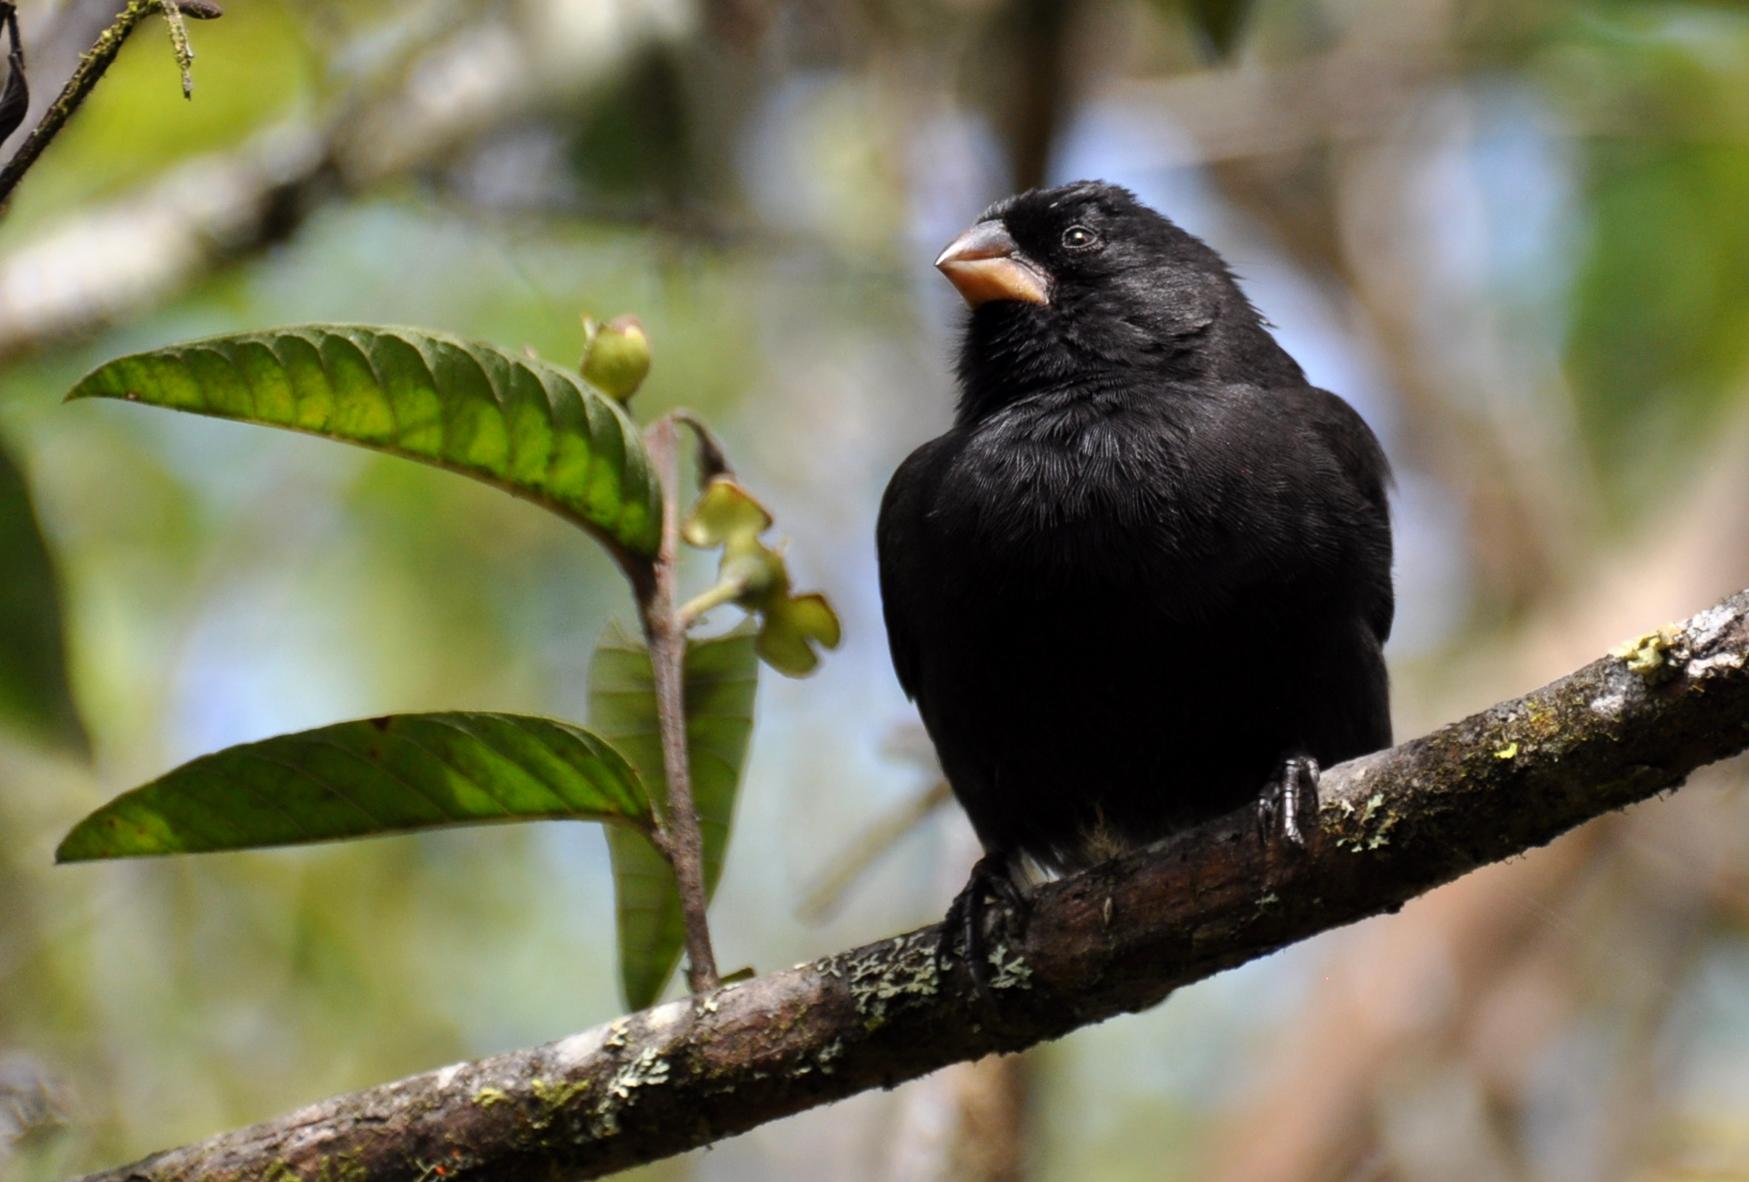 Darwinfink: Lehrbeispiel für die schnelle Anpassung | Darwin's finch: an object lesson in rapid evolution